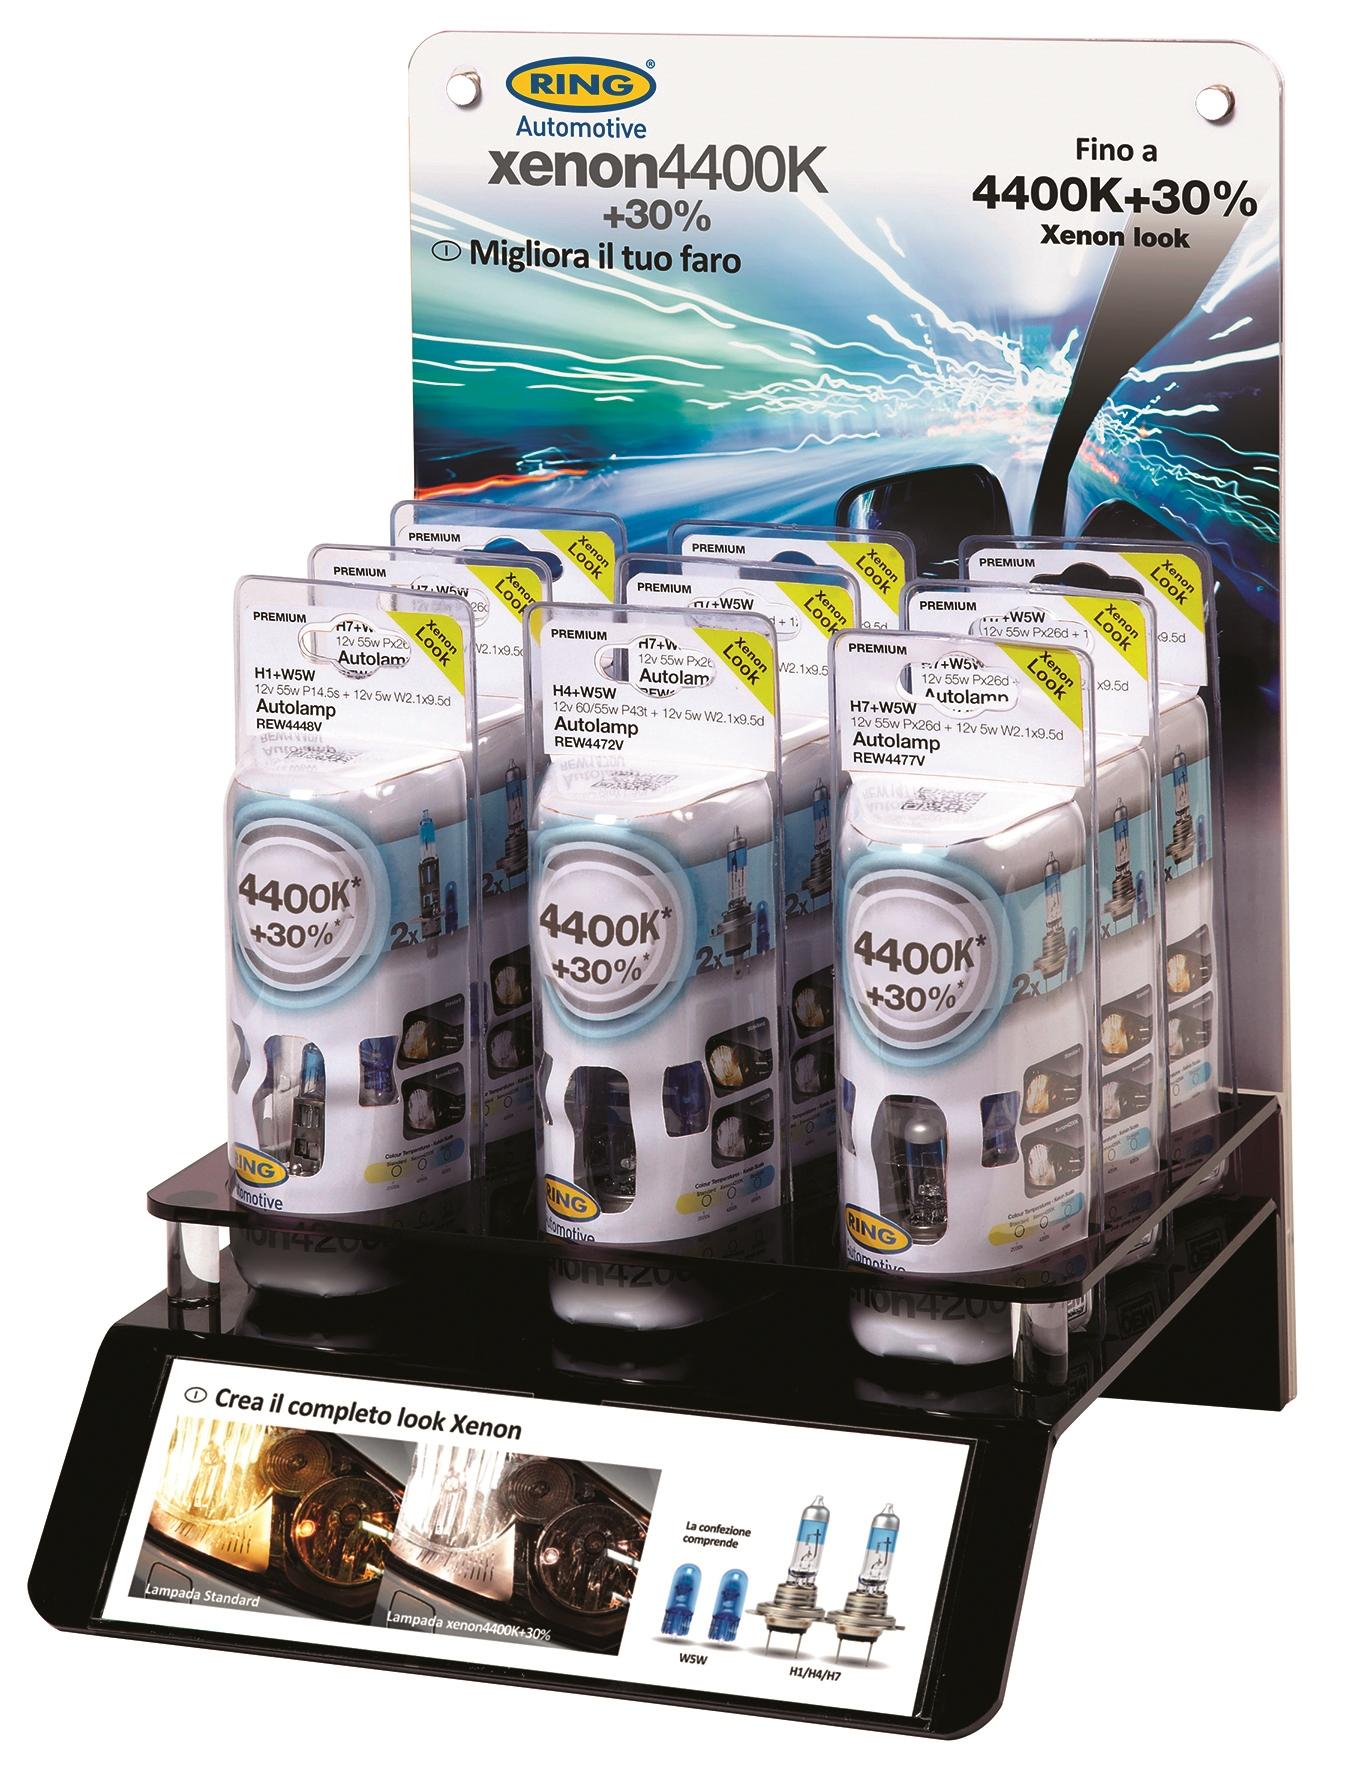 Ring nuove lampadine xenon 4400 30 notiziario motoristico - Le nuove lampadine ...